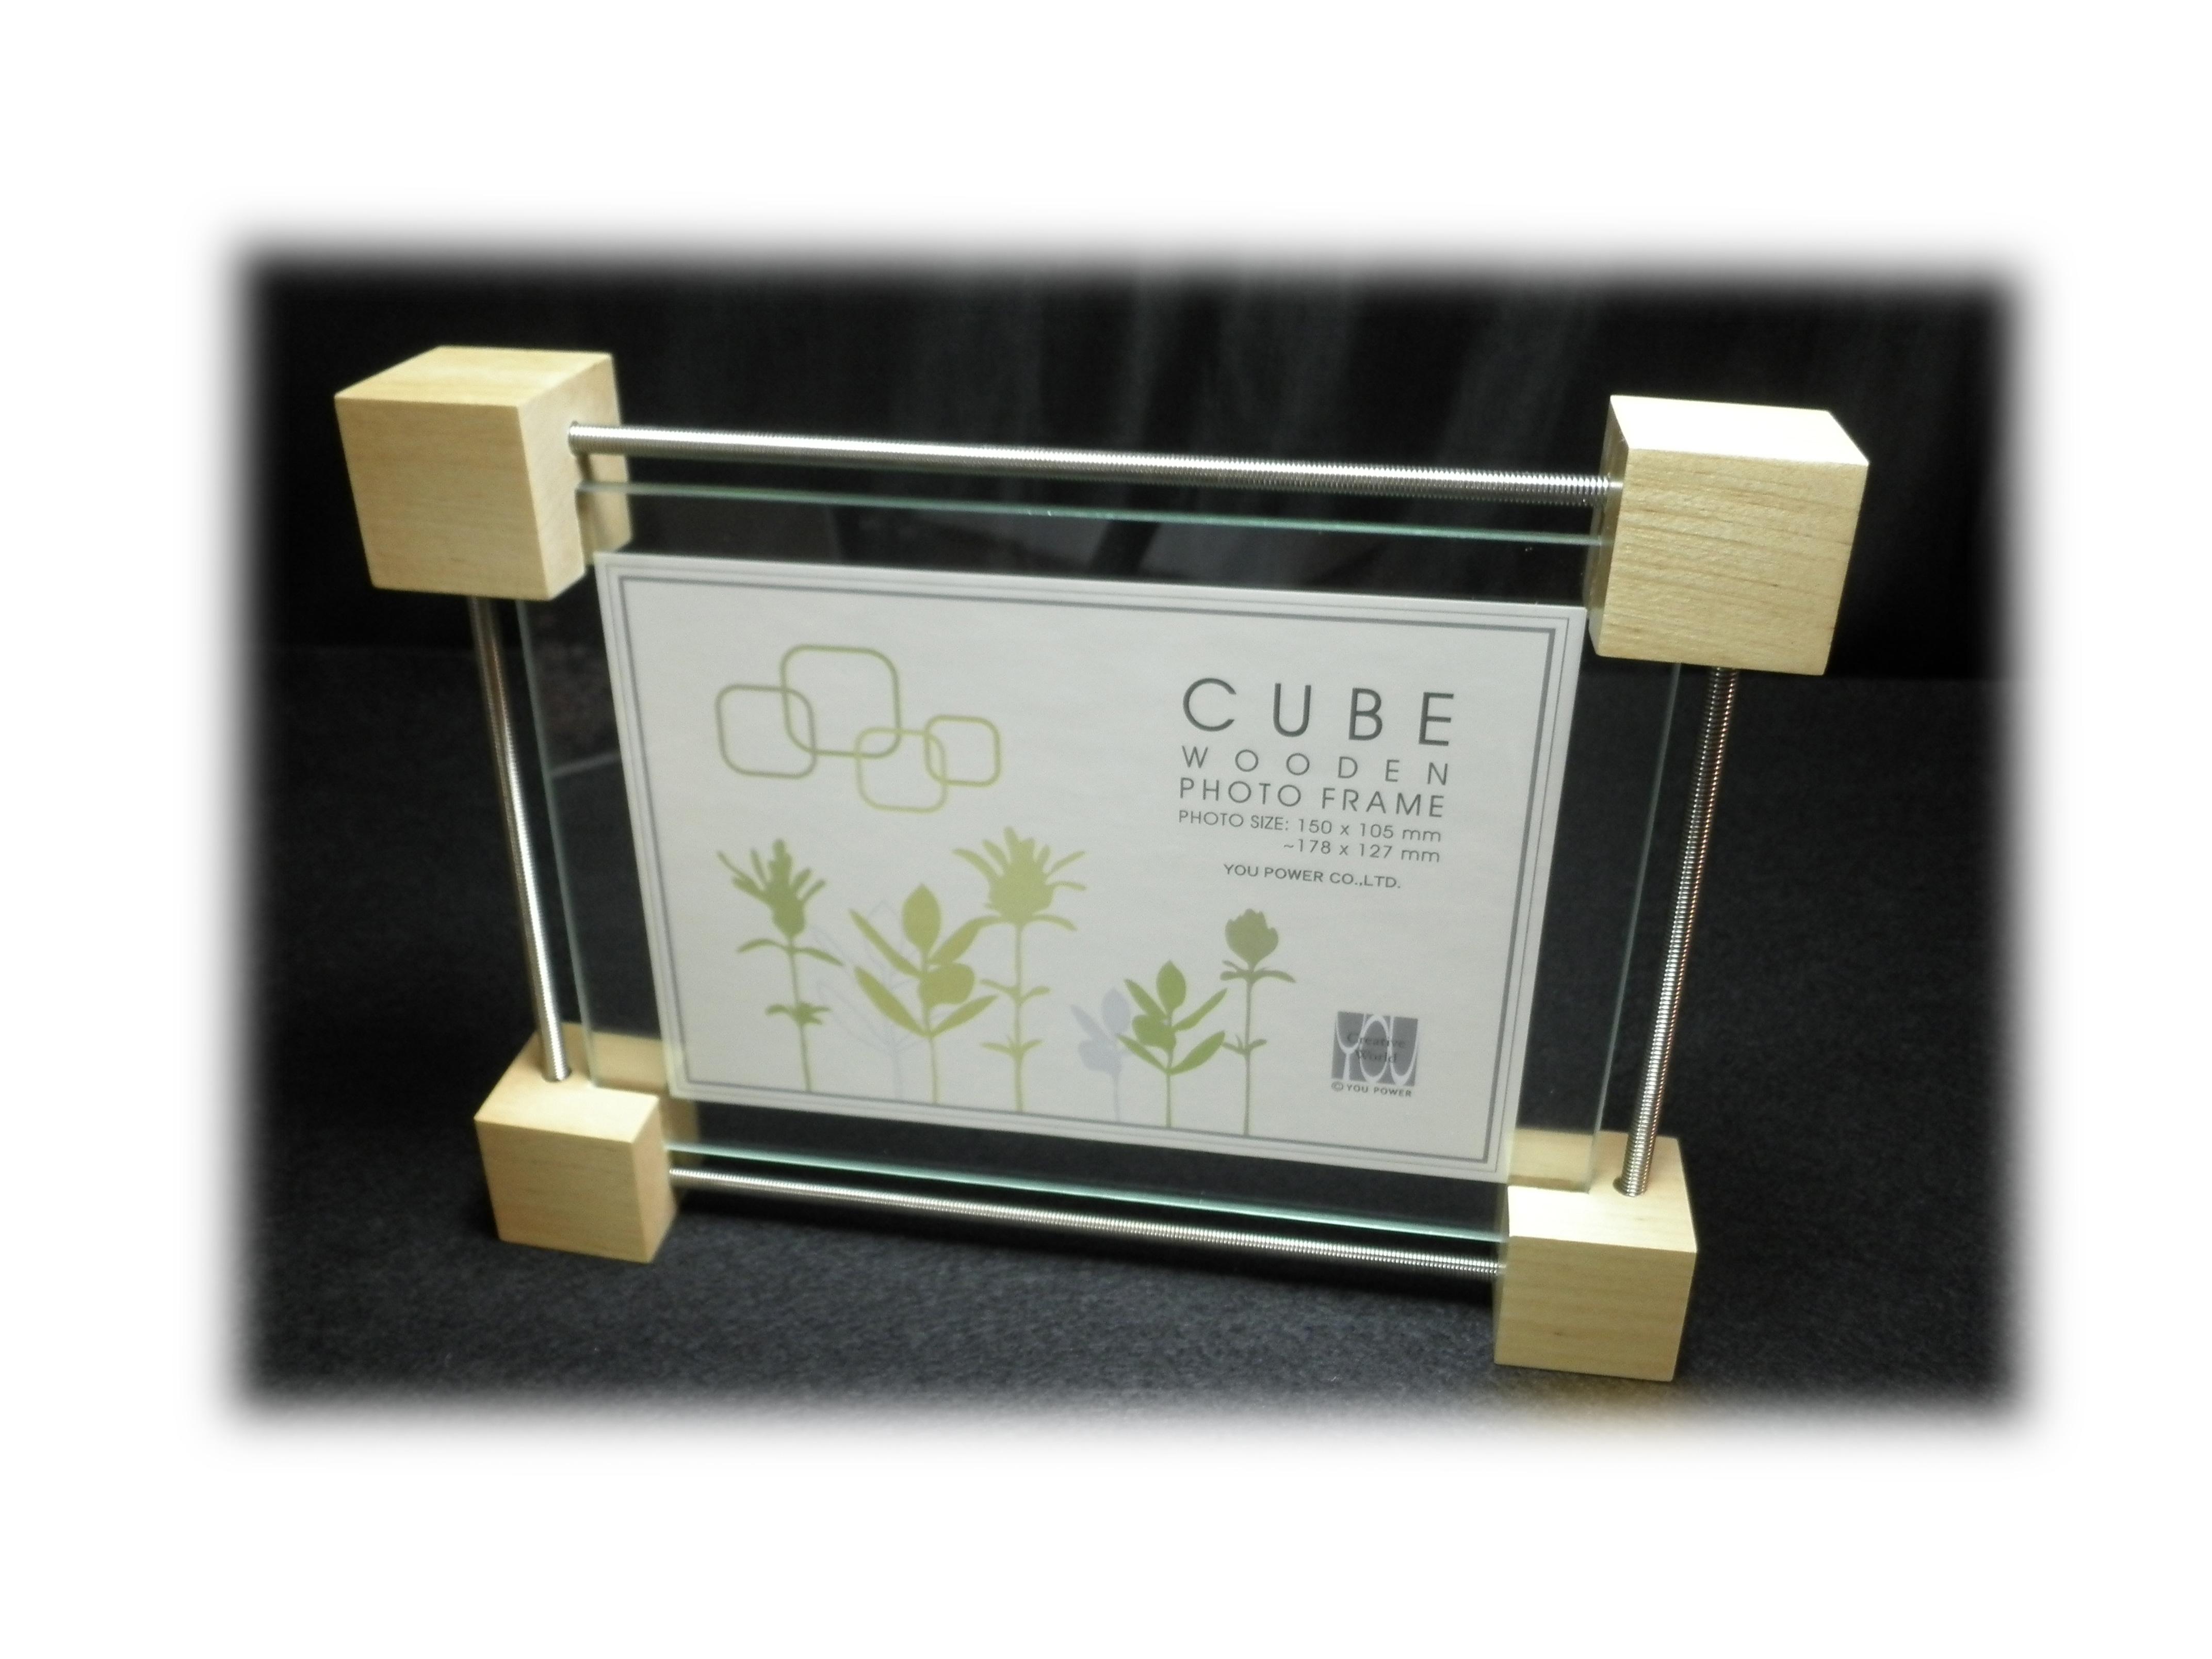 木製キューブクリップフォトフレーム